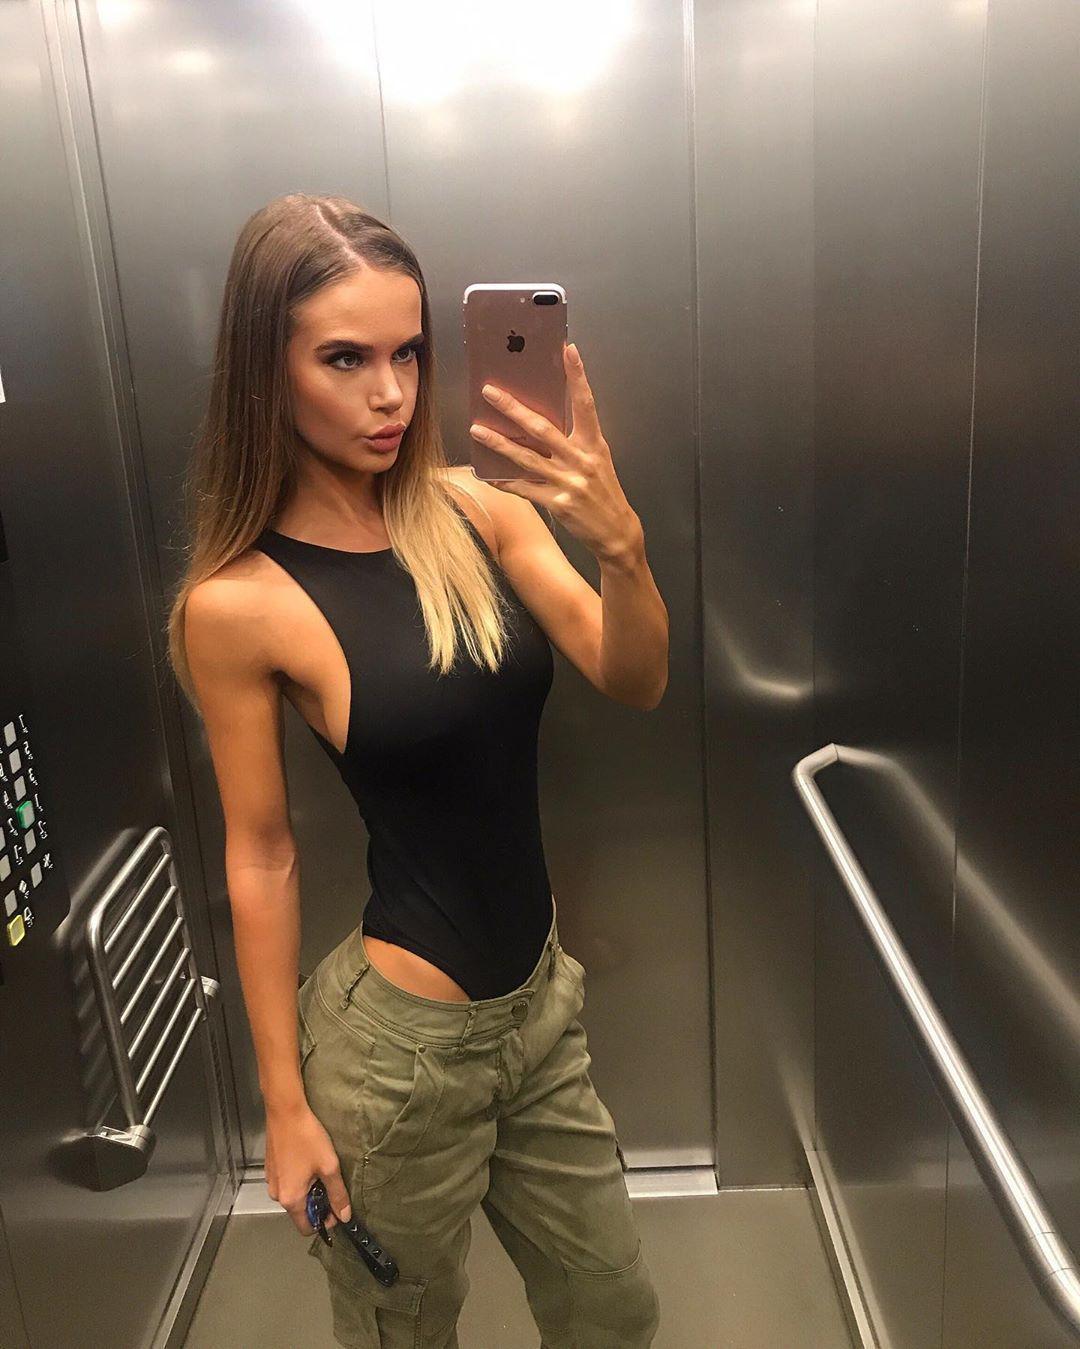 🐍 . . . #me #selfie #body #fitnessgirl #ootd #positivevibes